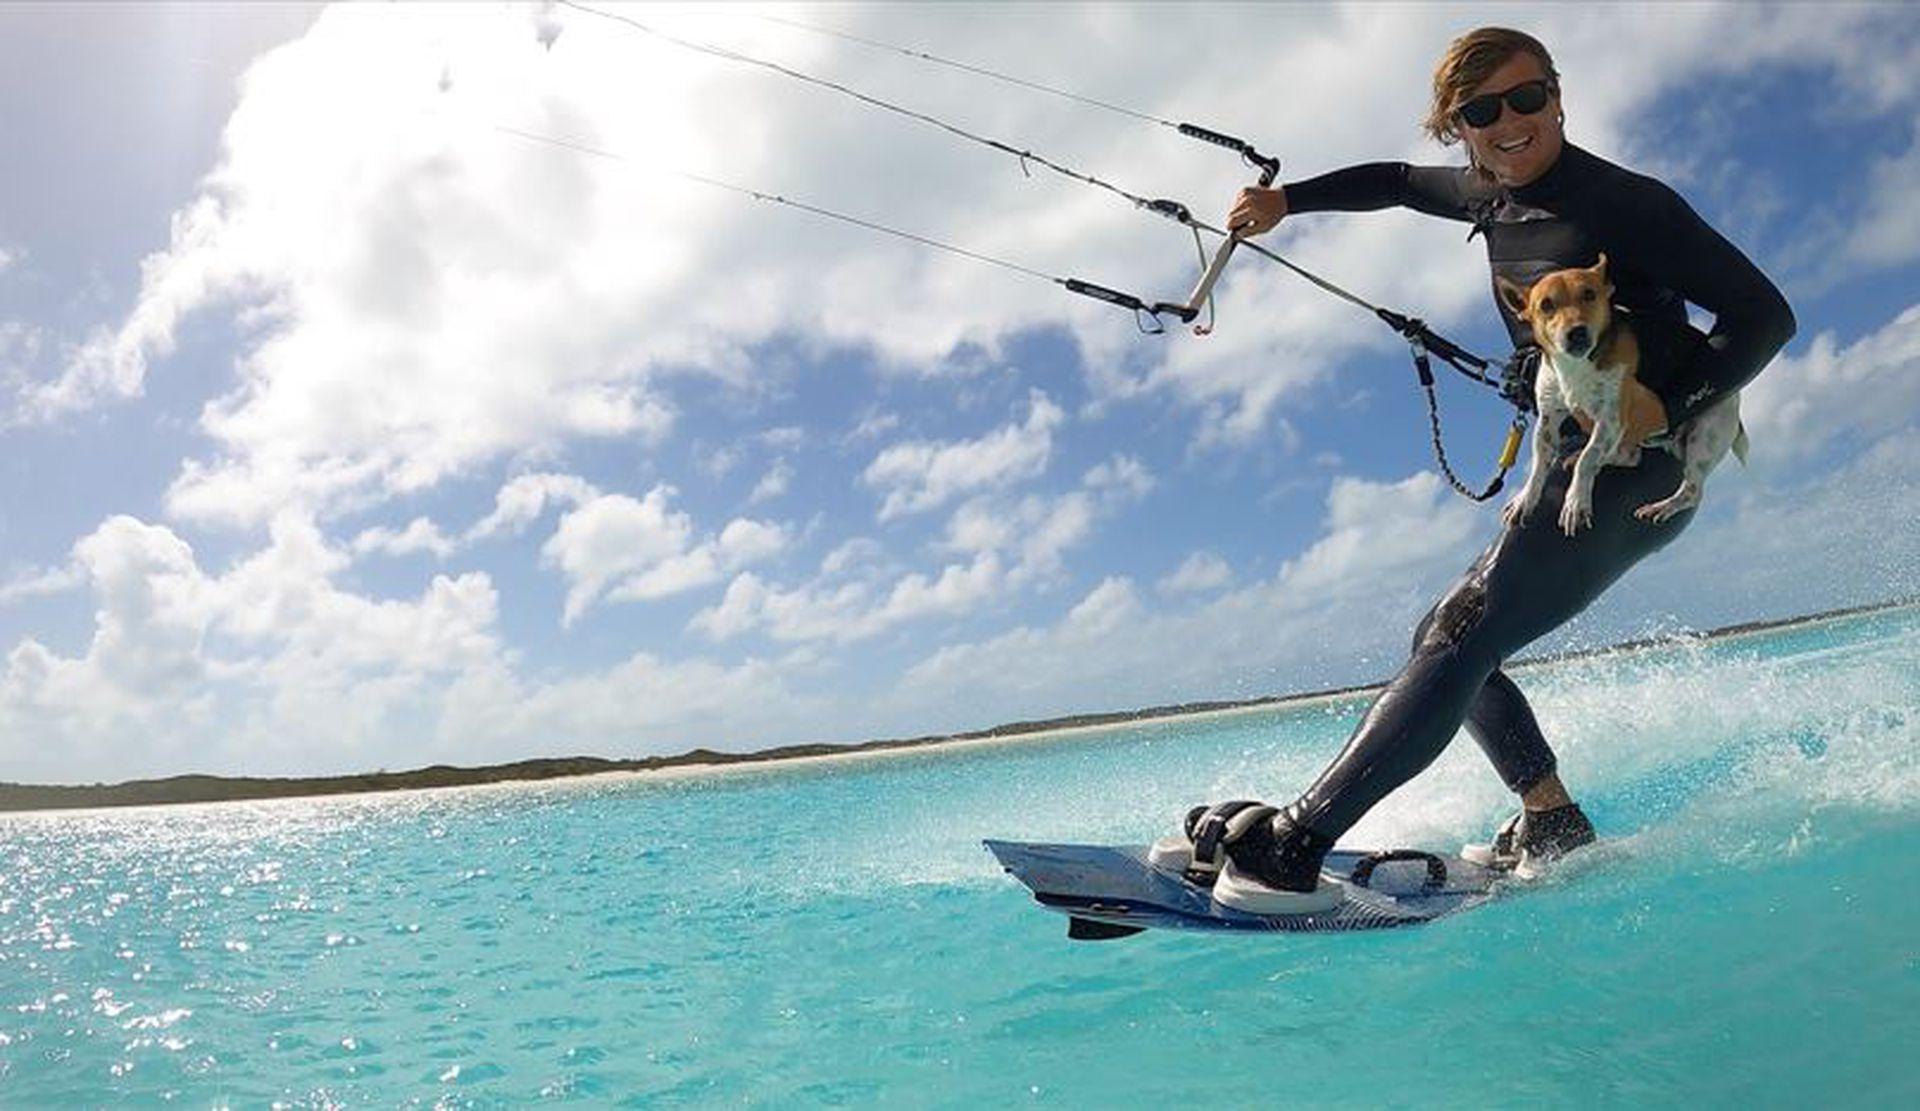 Kitesurf, una de las pasiones de Thomas, que también practica en el Caribe